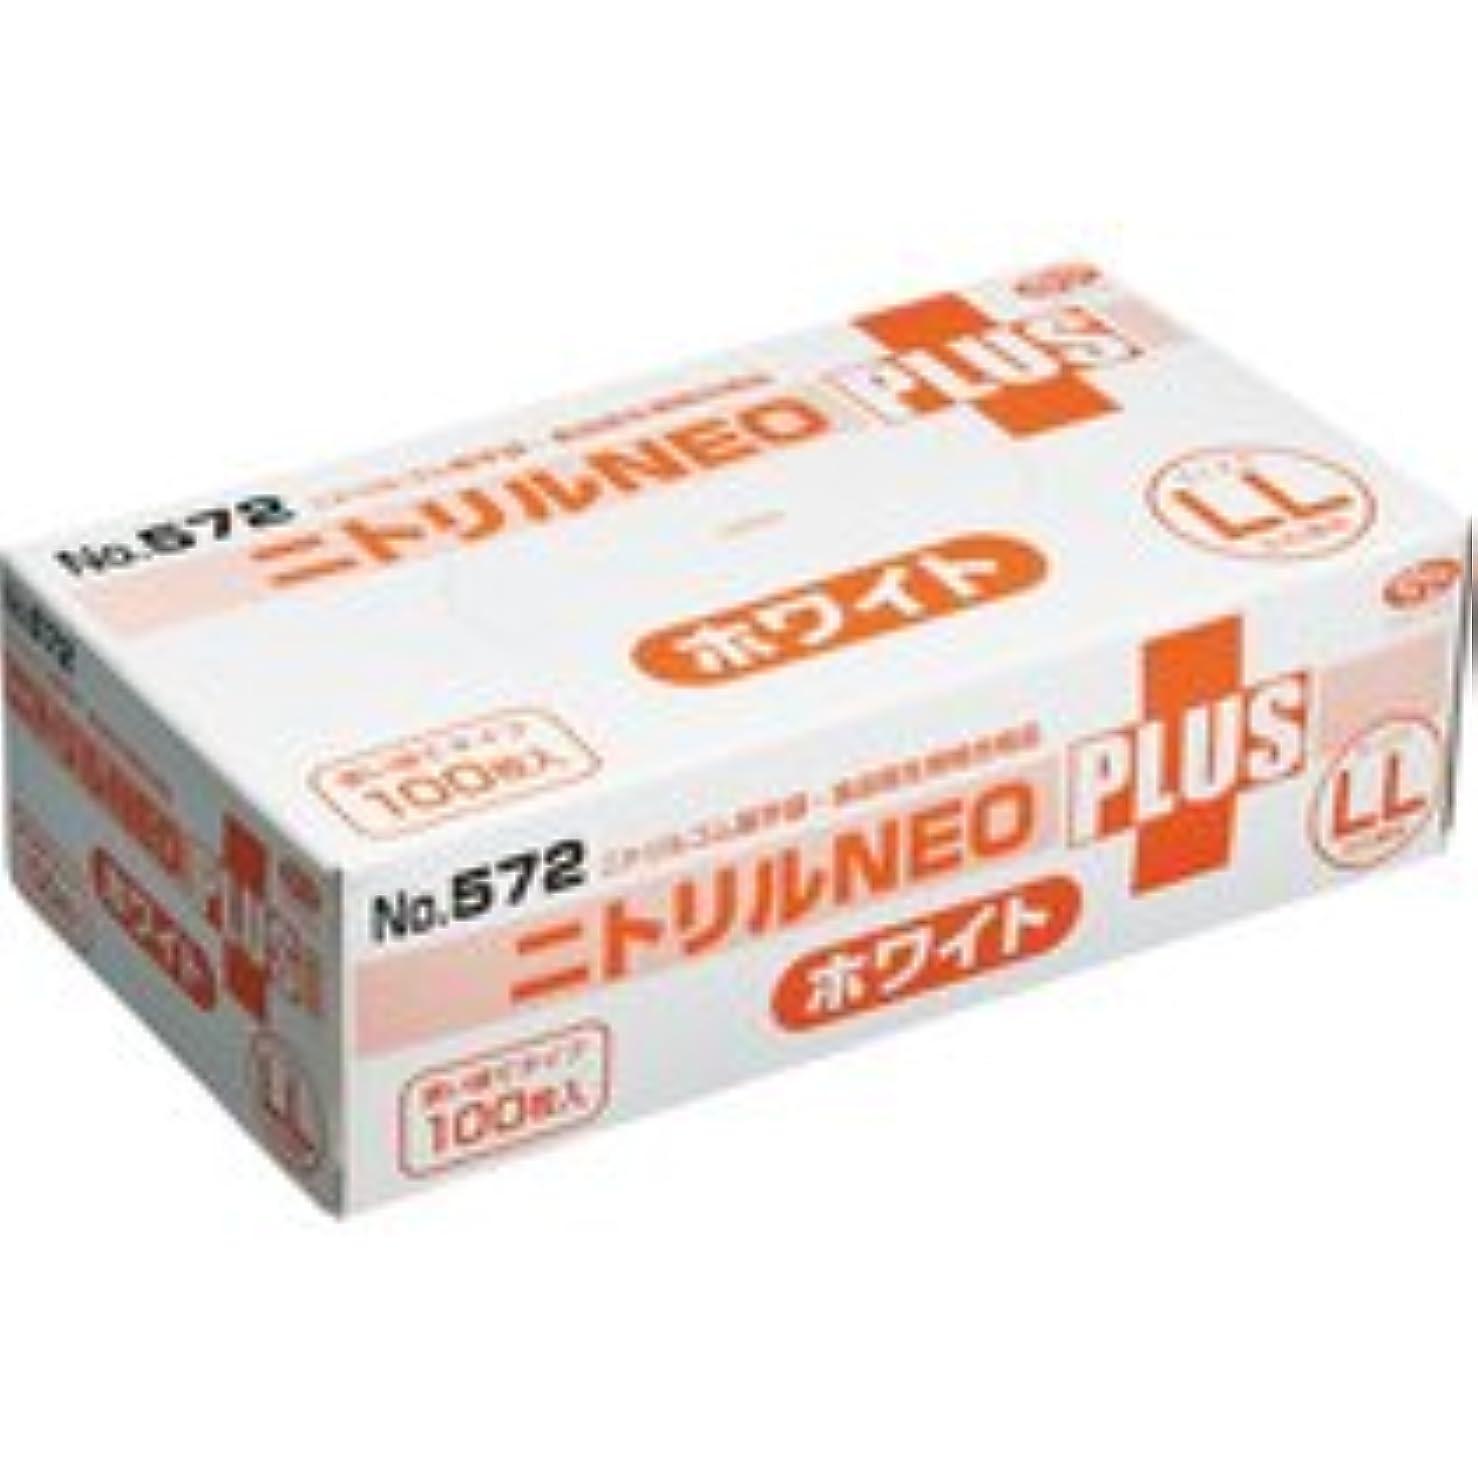 置き場グラム季節エブノ ニトリルNEOプラス パウダーイン ホワイト LL NO-572 1箱(100枚)